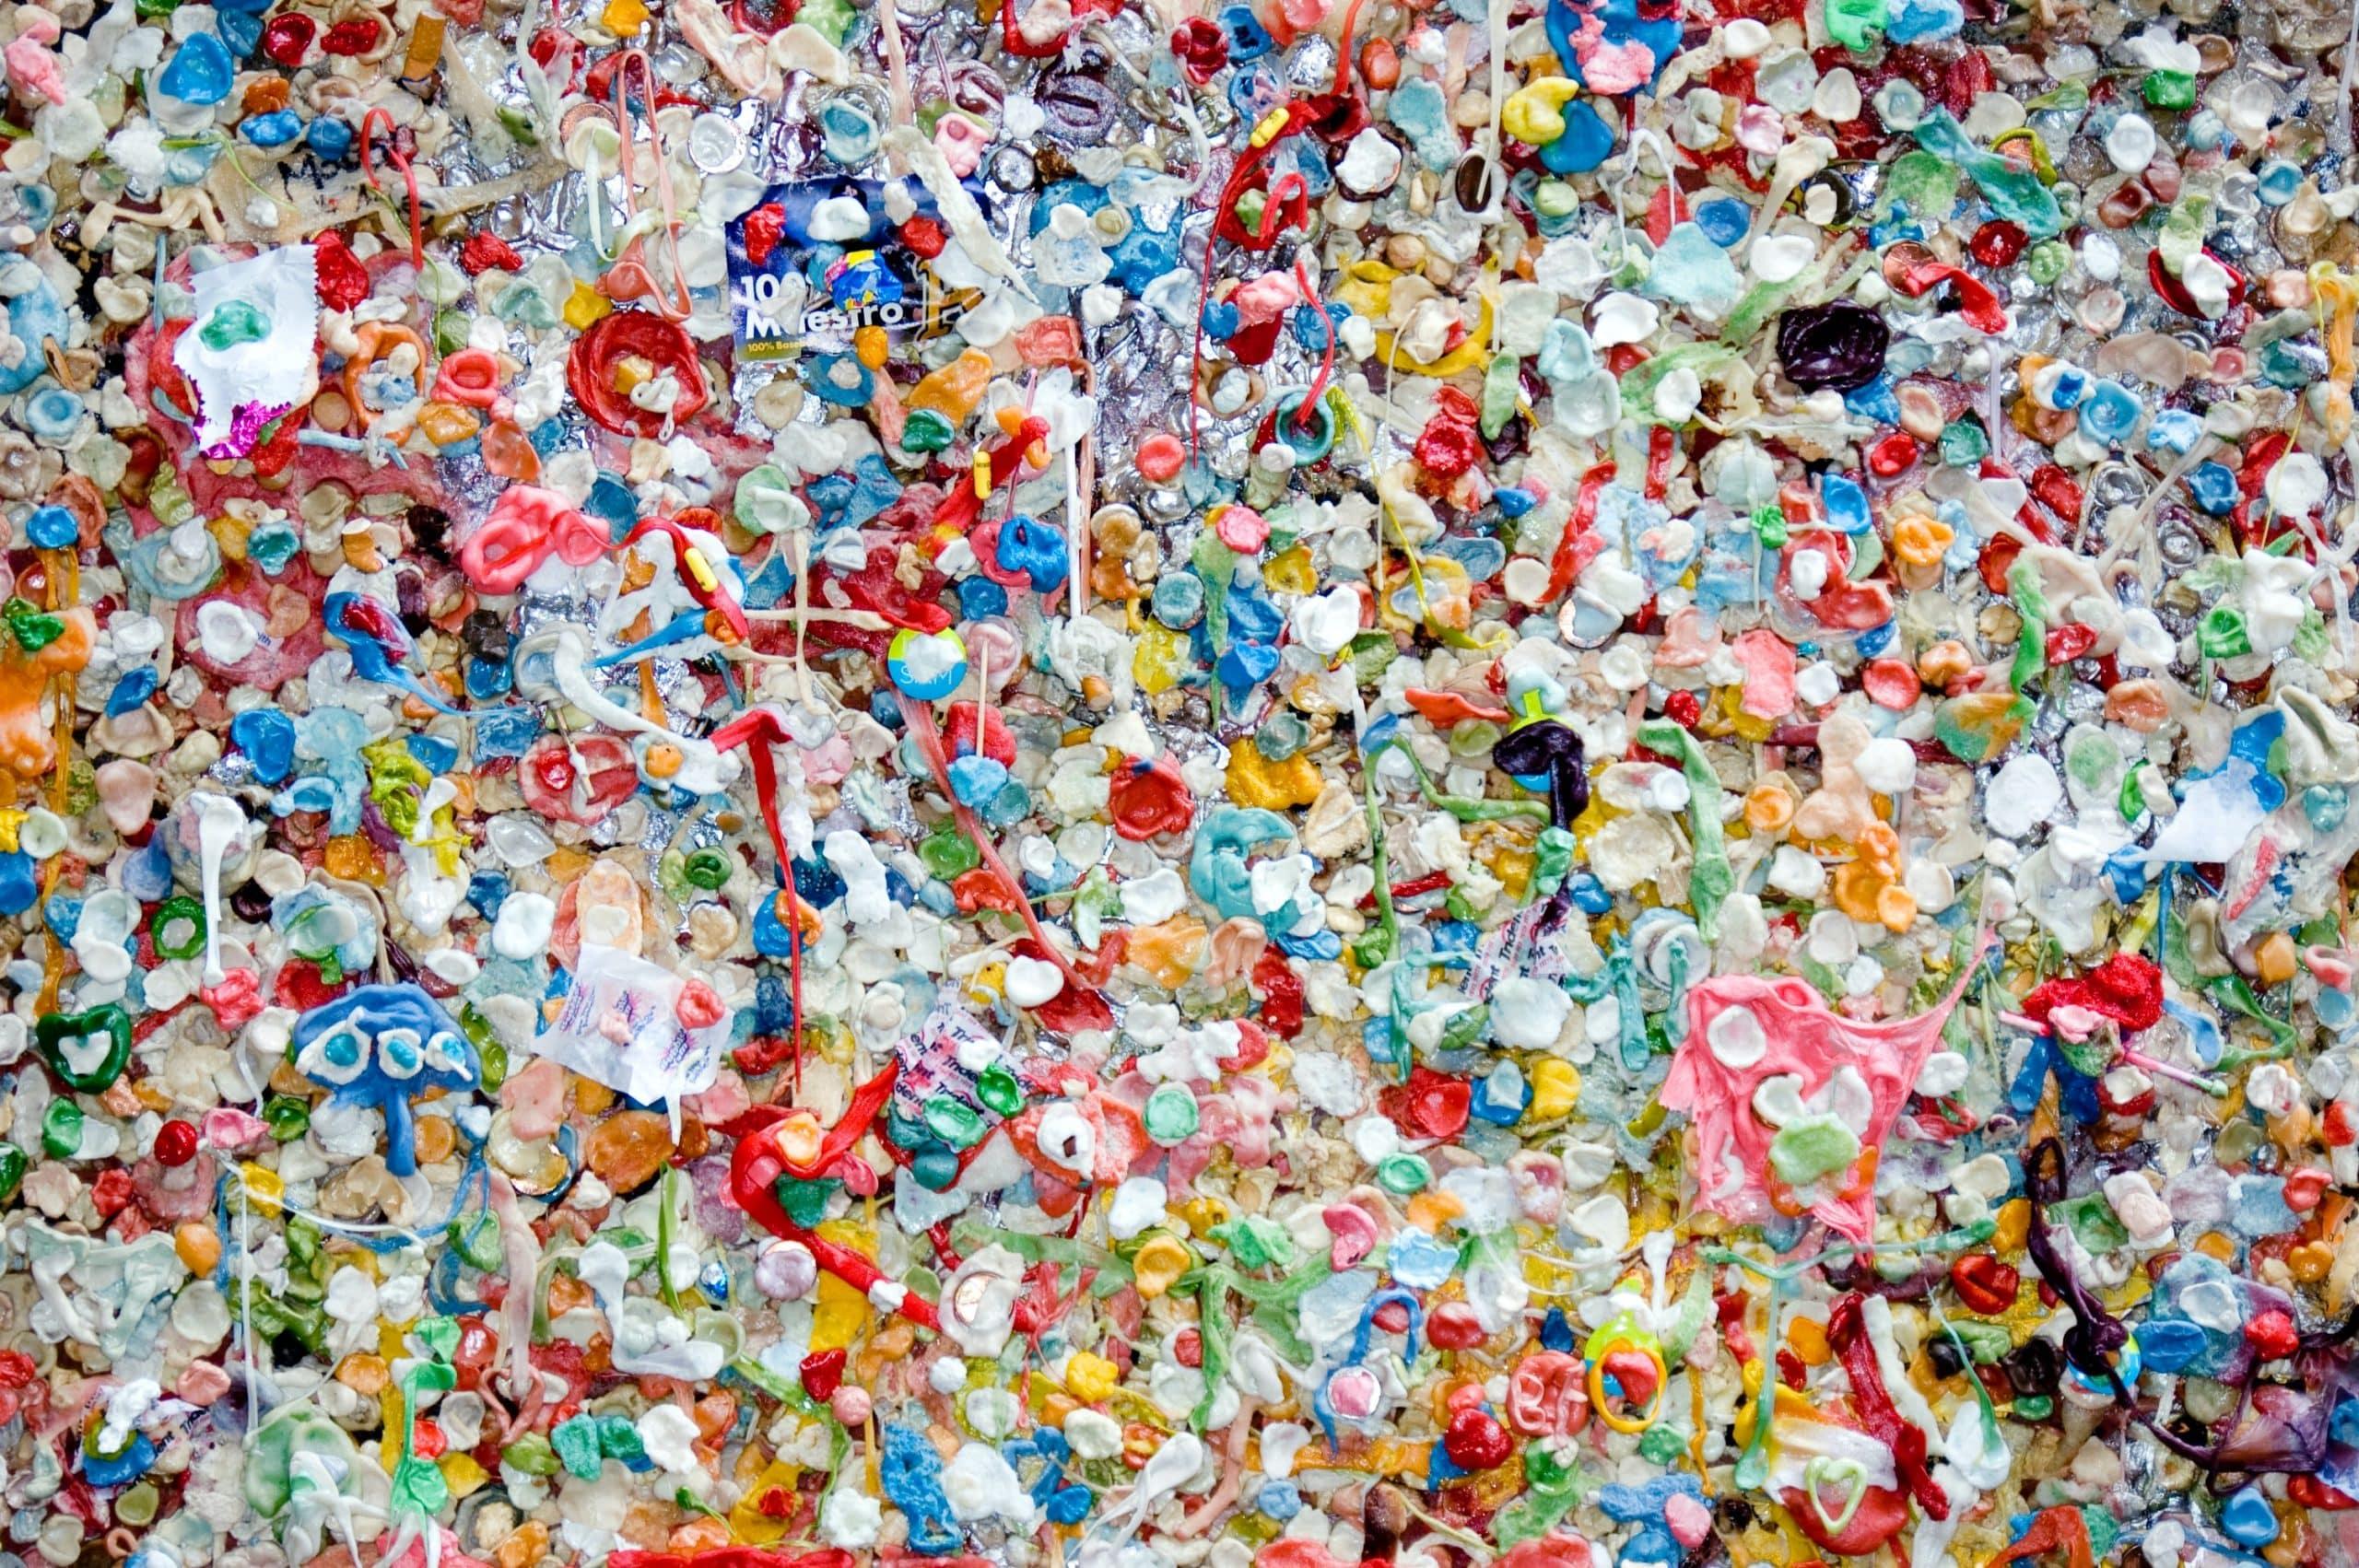 reycling plastic